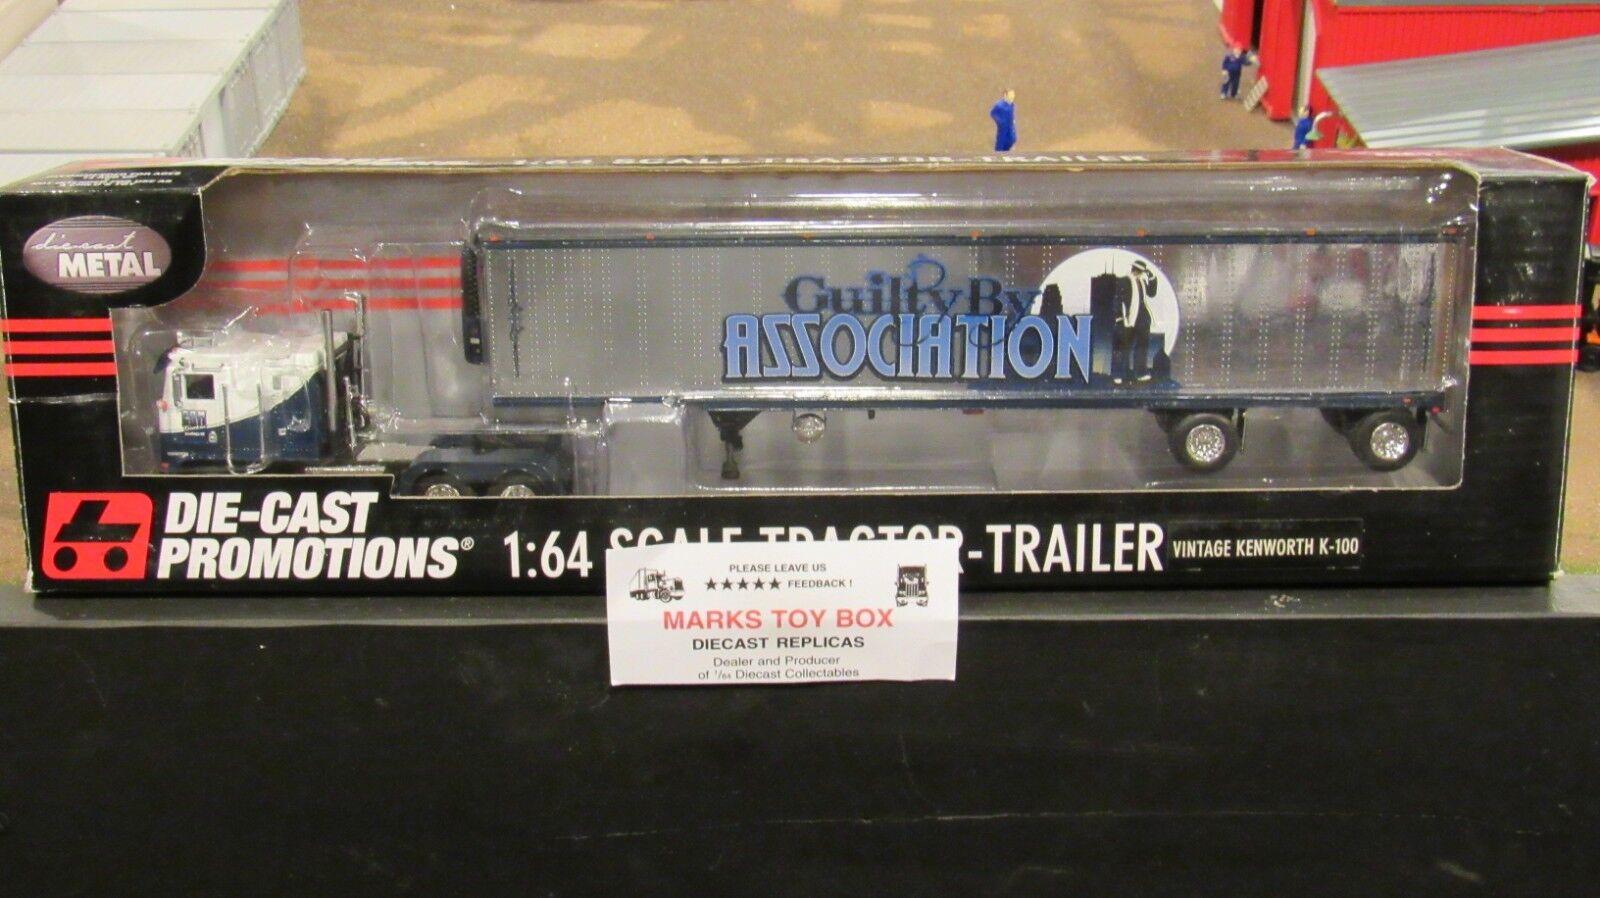 DCP 32999 CSM Chrome Shop Mafia coupable par Association KW K100 camion TRL 1 64 CL